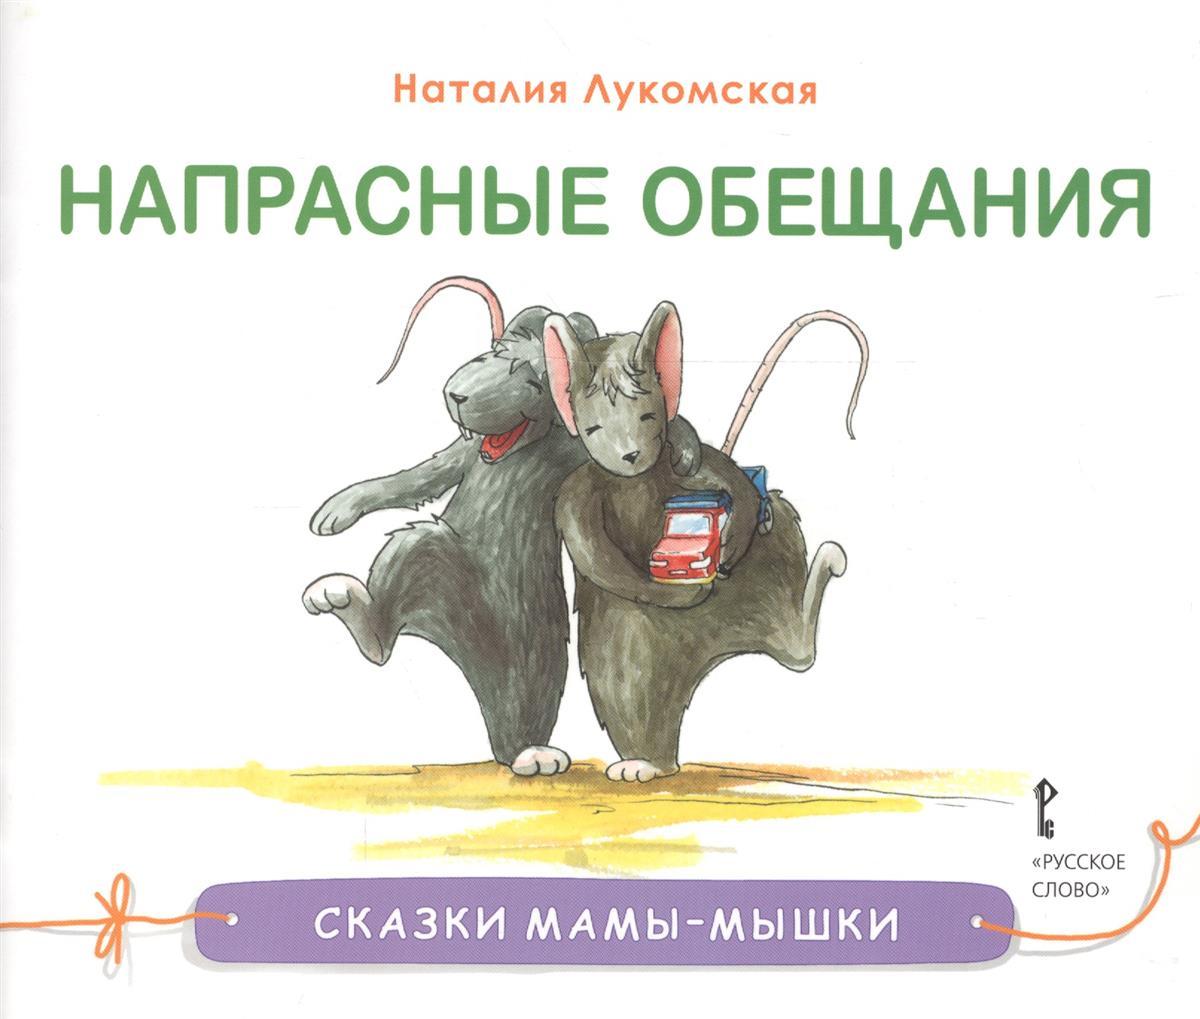 Лукомская Н. Напрасные обещания. Сказка комоед н пластилиновая сказка